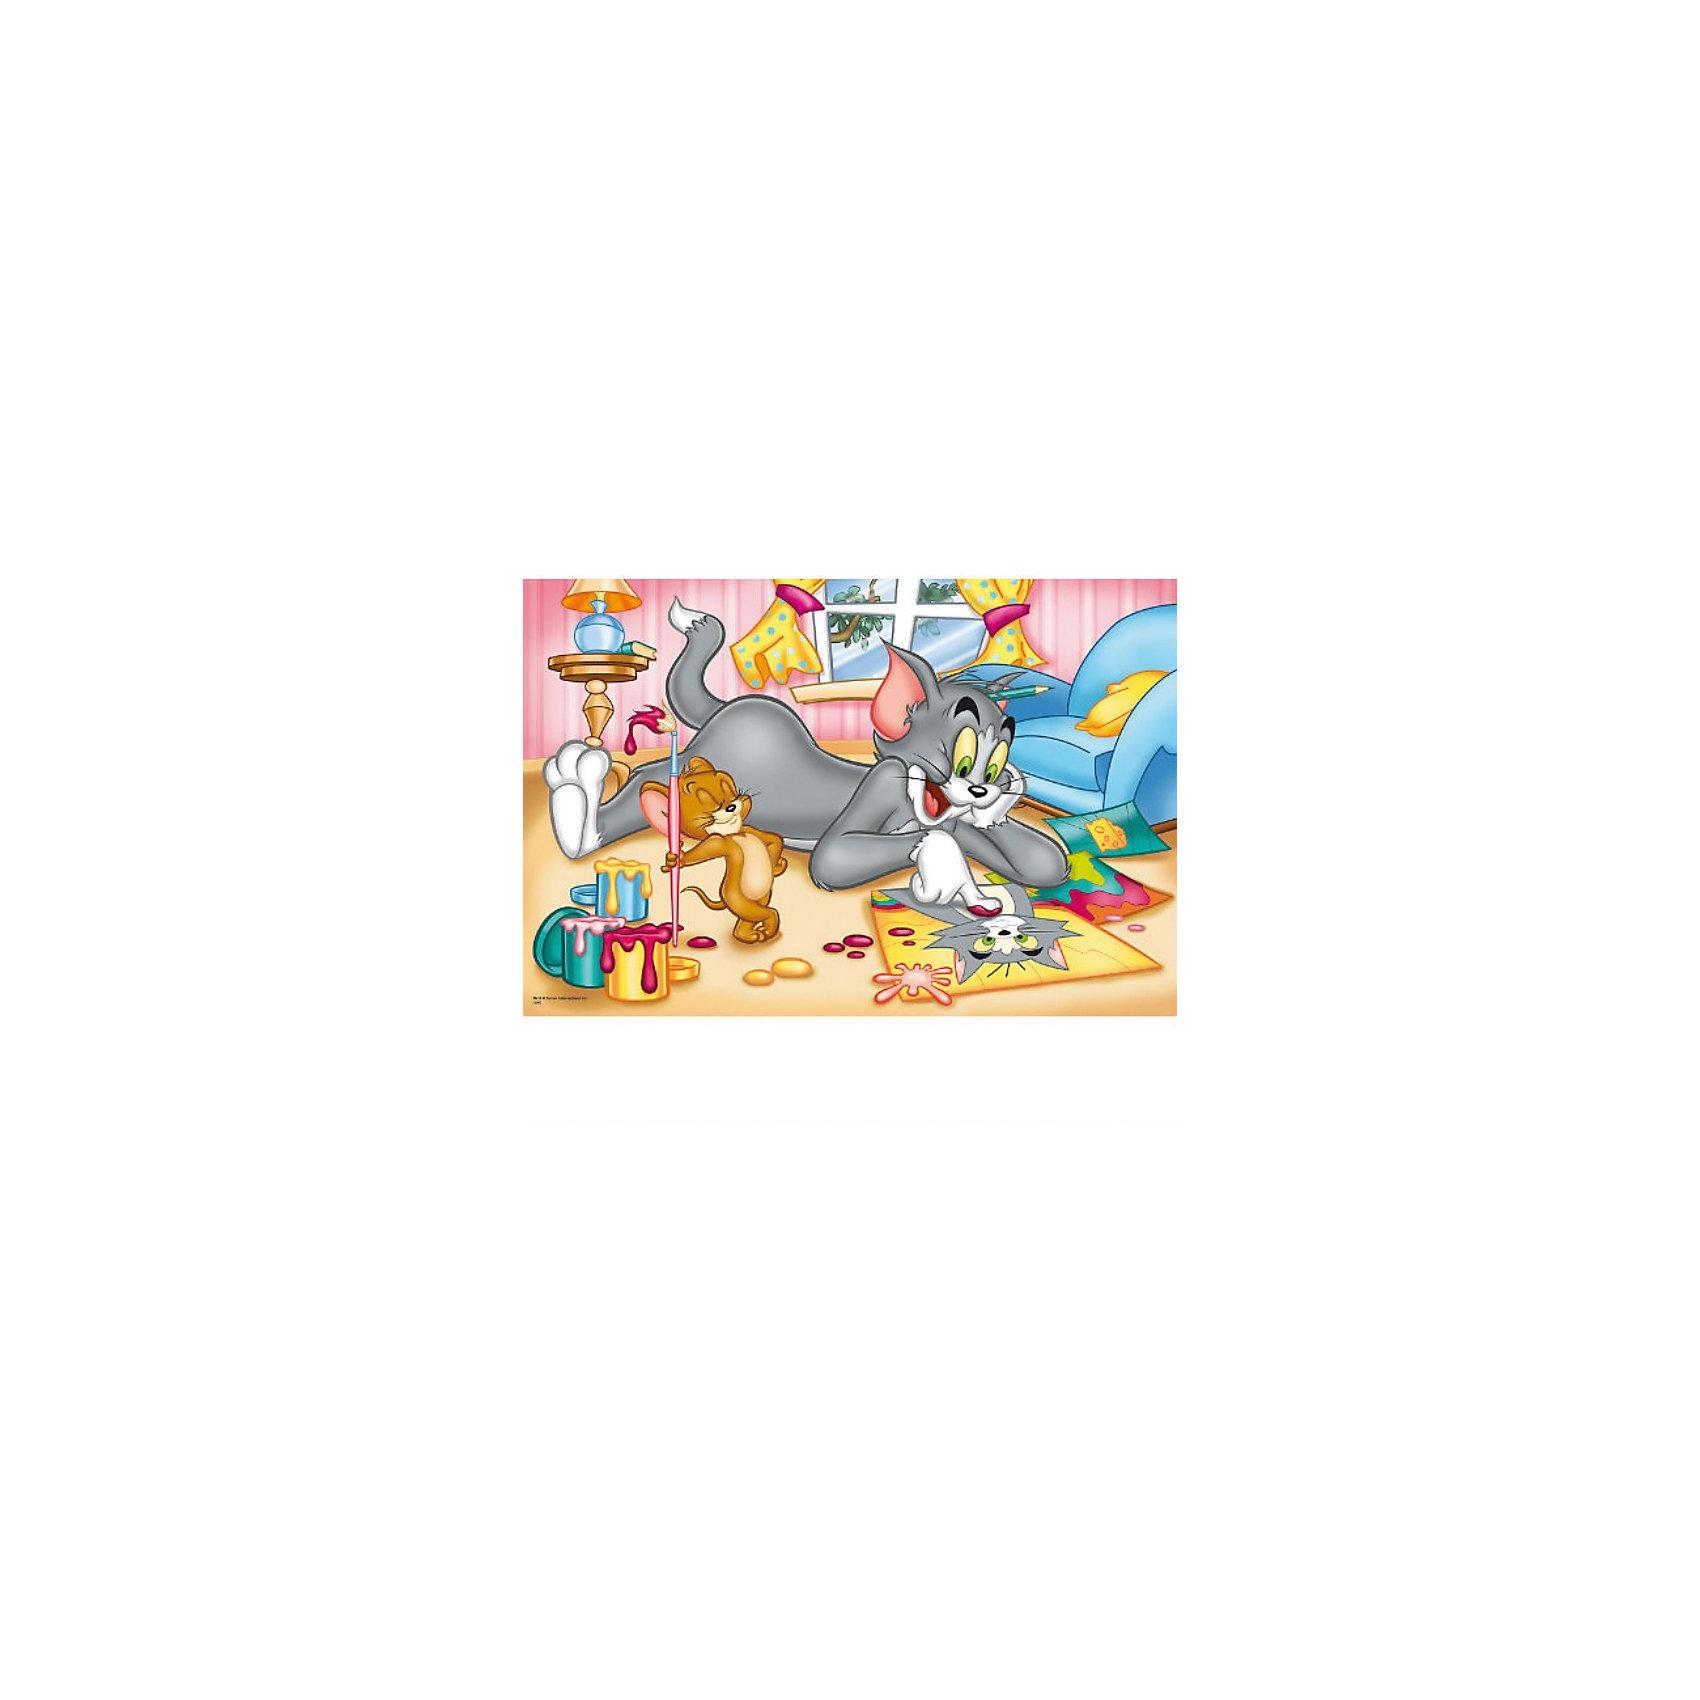 Пазл  Раскраски, 60 деталей, Том и ДжерриПазлы для малышей<br>Пазл Раскраски от Trefl  - увлекательный набор для творчества, который будет интересен детям всех возрастов и даже их родителям. С помощью входящих в набор деталей Вы сможете собрать красочную картинку с героями мультиков Том и Джерри - котом Томом и мышонком Джерри, которые  решили поиграть в художника и модель. Том любуется своим изображением на листочке, а Джерри держит в руках кисточку, которой рисовал кота. Пазл отличается высоким качеством полиграфии и насыщенными цветами. <br> <br>Собирание пазла способствует развитию логического мышления, внимания, мелкой моторики и координации движений.<br><br>Дополнительная информация:<br><br>- Материал: картон. <br>- Размер собранной картинки: 32 x 22 см.<br>- Размер упаковки: 26 х 4 х 39 см.<br>- Вес: 143 гр.<br> <br>Пазл Раскраски, Trefl можно купить в нашем интернет-магазине.<br><br>Ширина мм: 143<br>Глубина мм: 213<br>Высота мм: 40<br>Вес г: 200<br>Возраст от месяцев: 48<br>Возраст до месяцев: 72<br>Пол: Унисекс<br>Возраст: Детский<br>Количество деталей: 60<br>SKU: 3879936